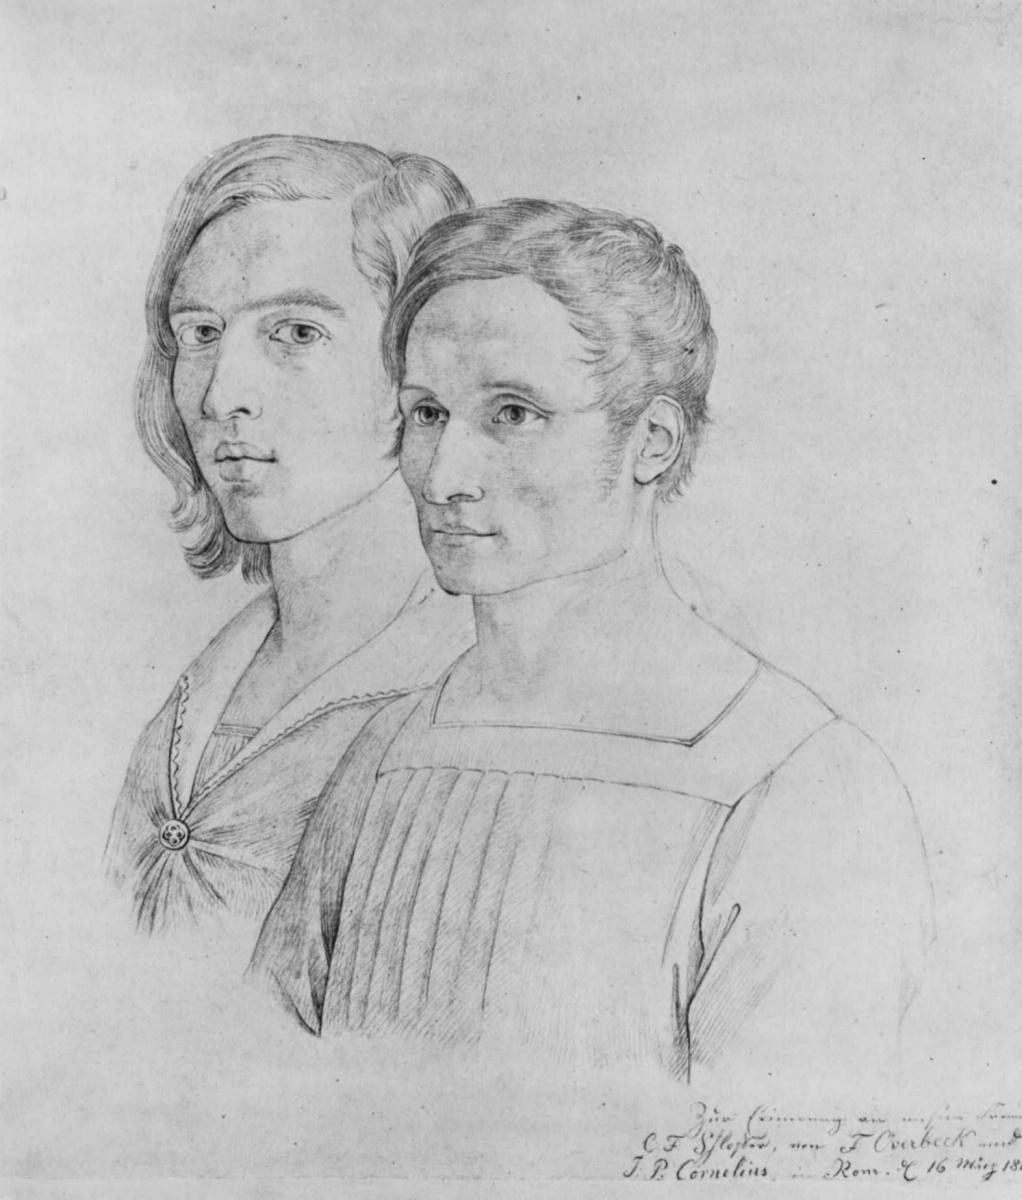 Иоганн Фридрих Овербек. Двойной портрет Петера Корнелиуса и Фридриха Овербека